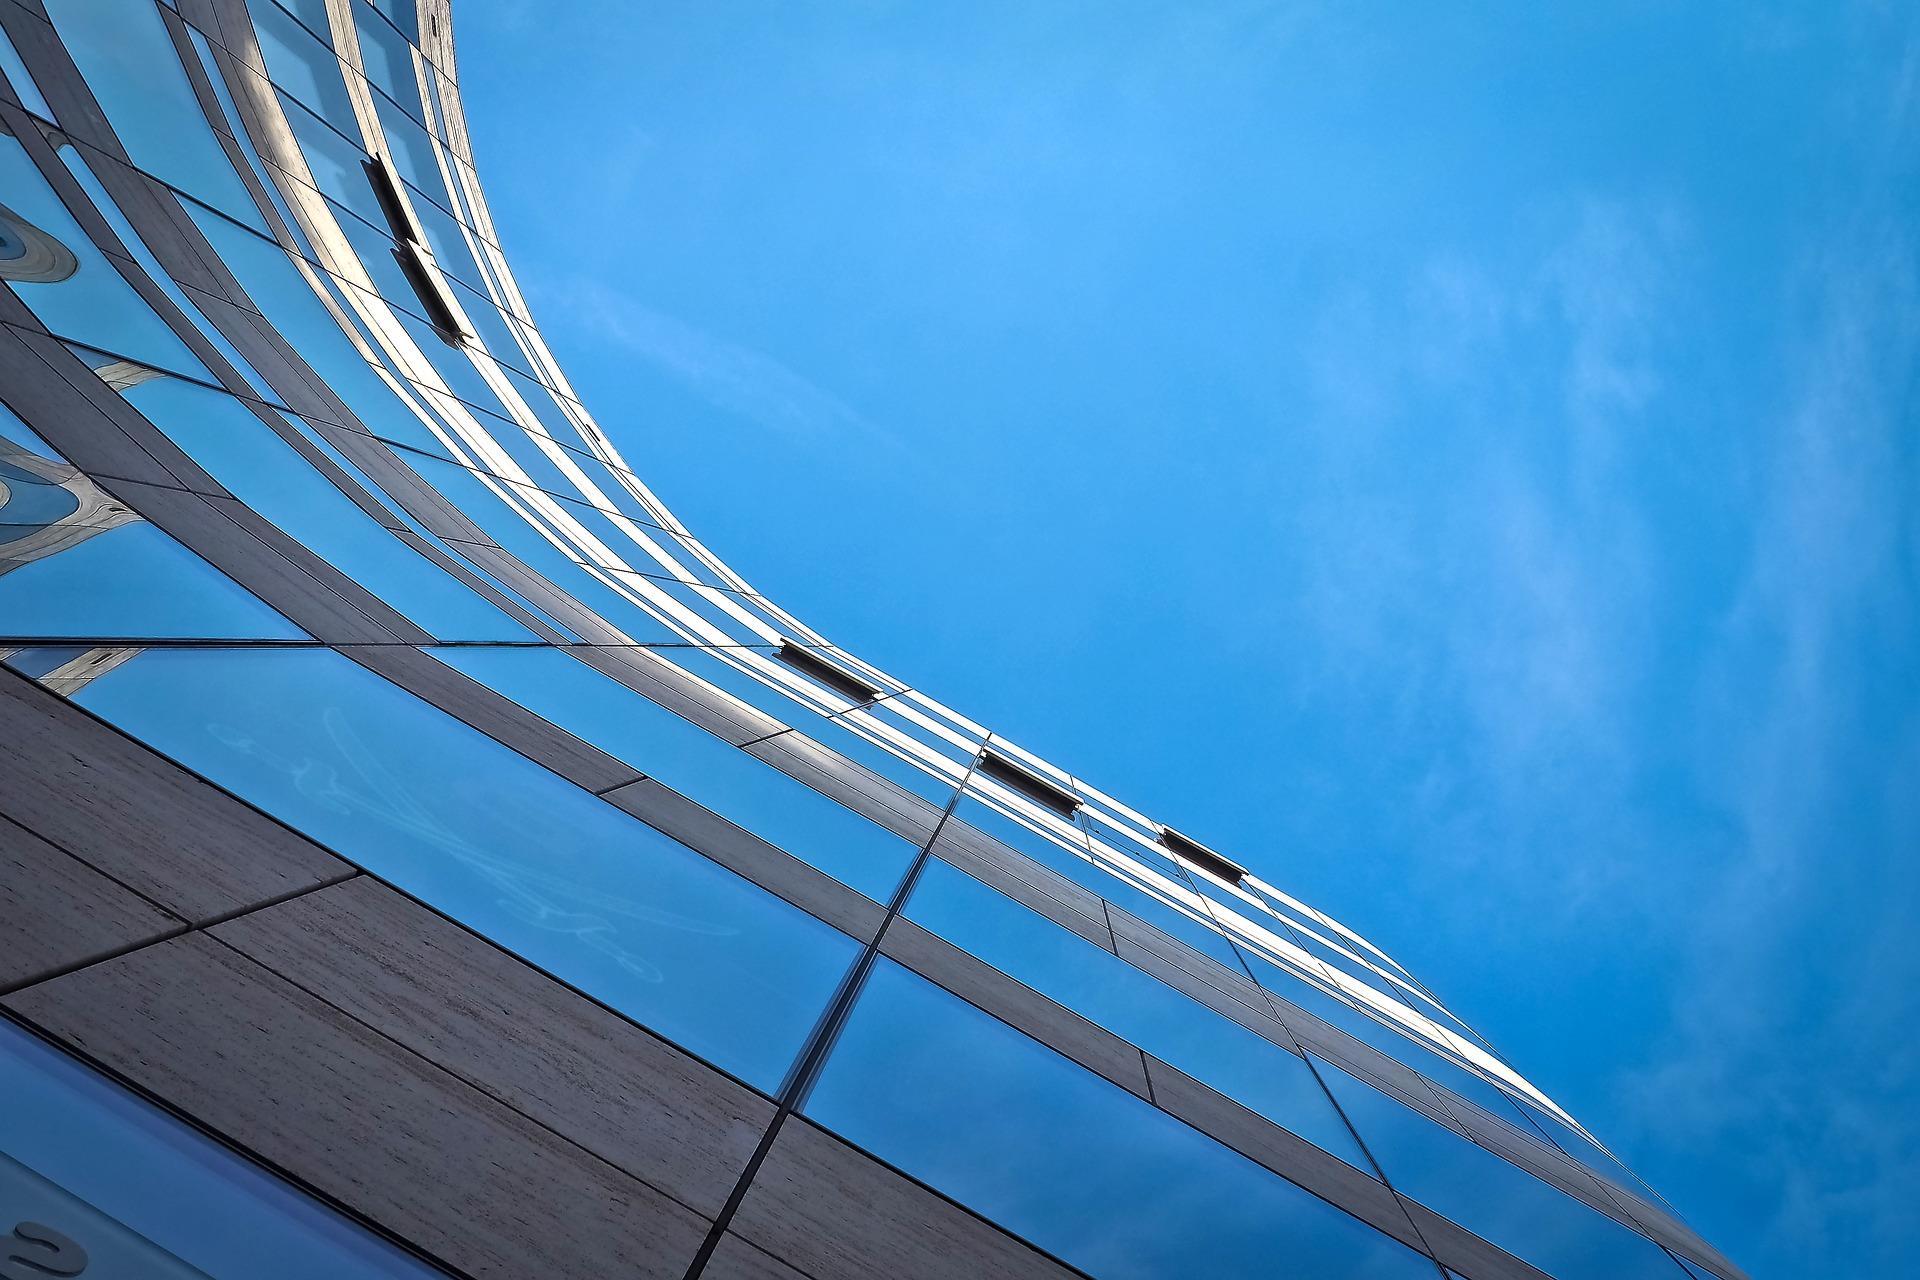 architecture-2106102_1920